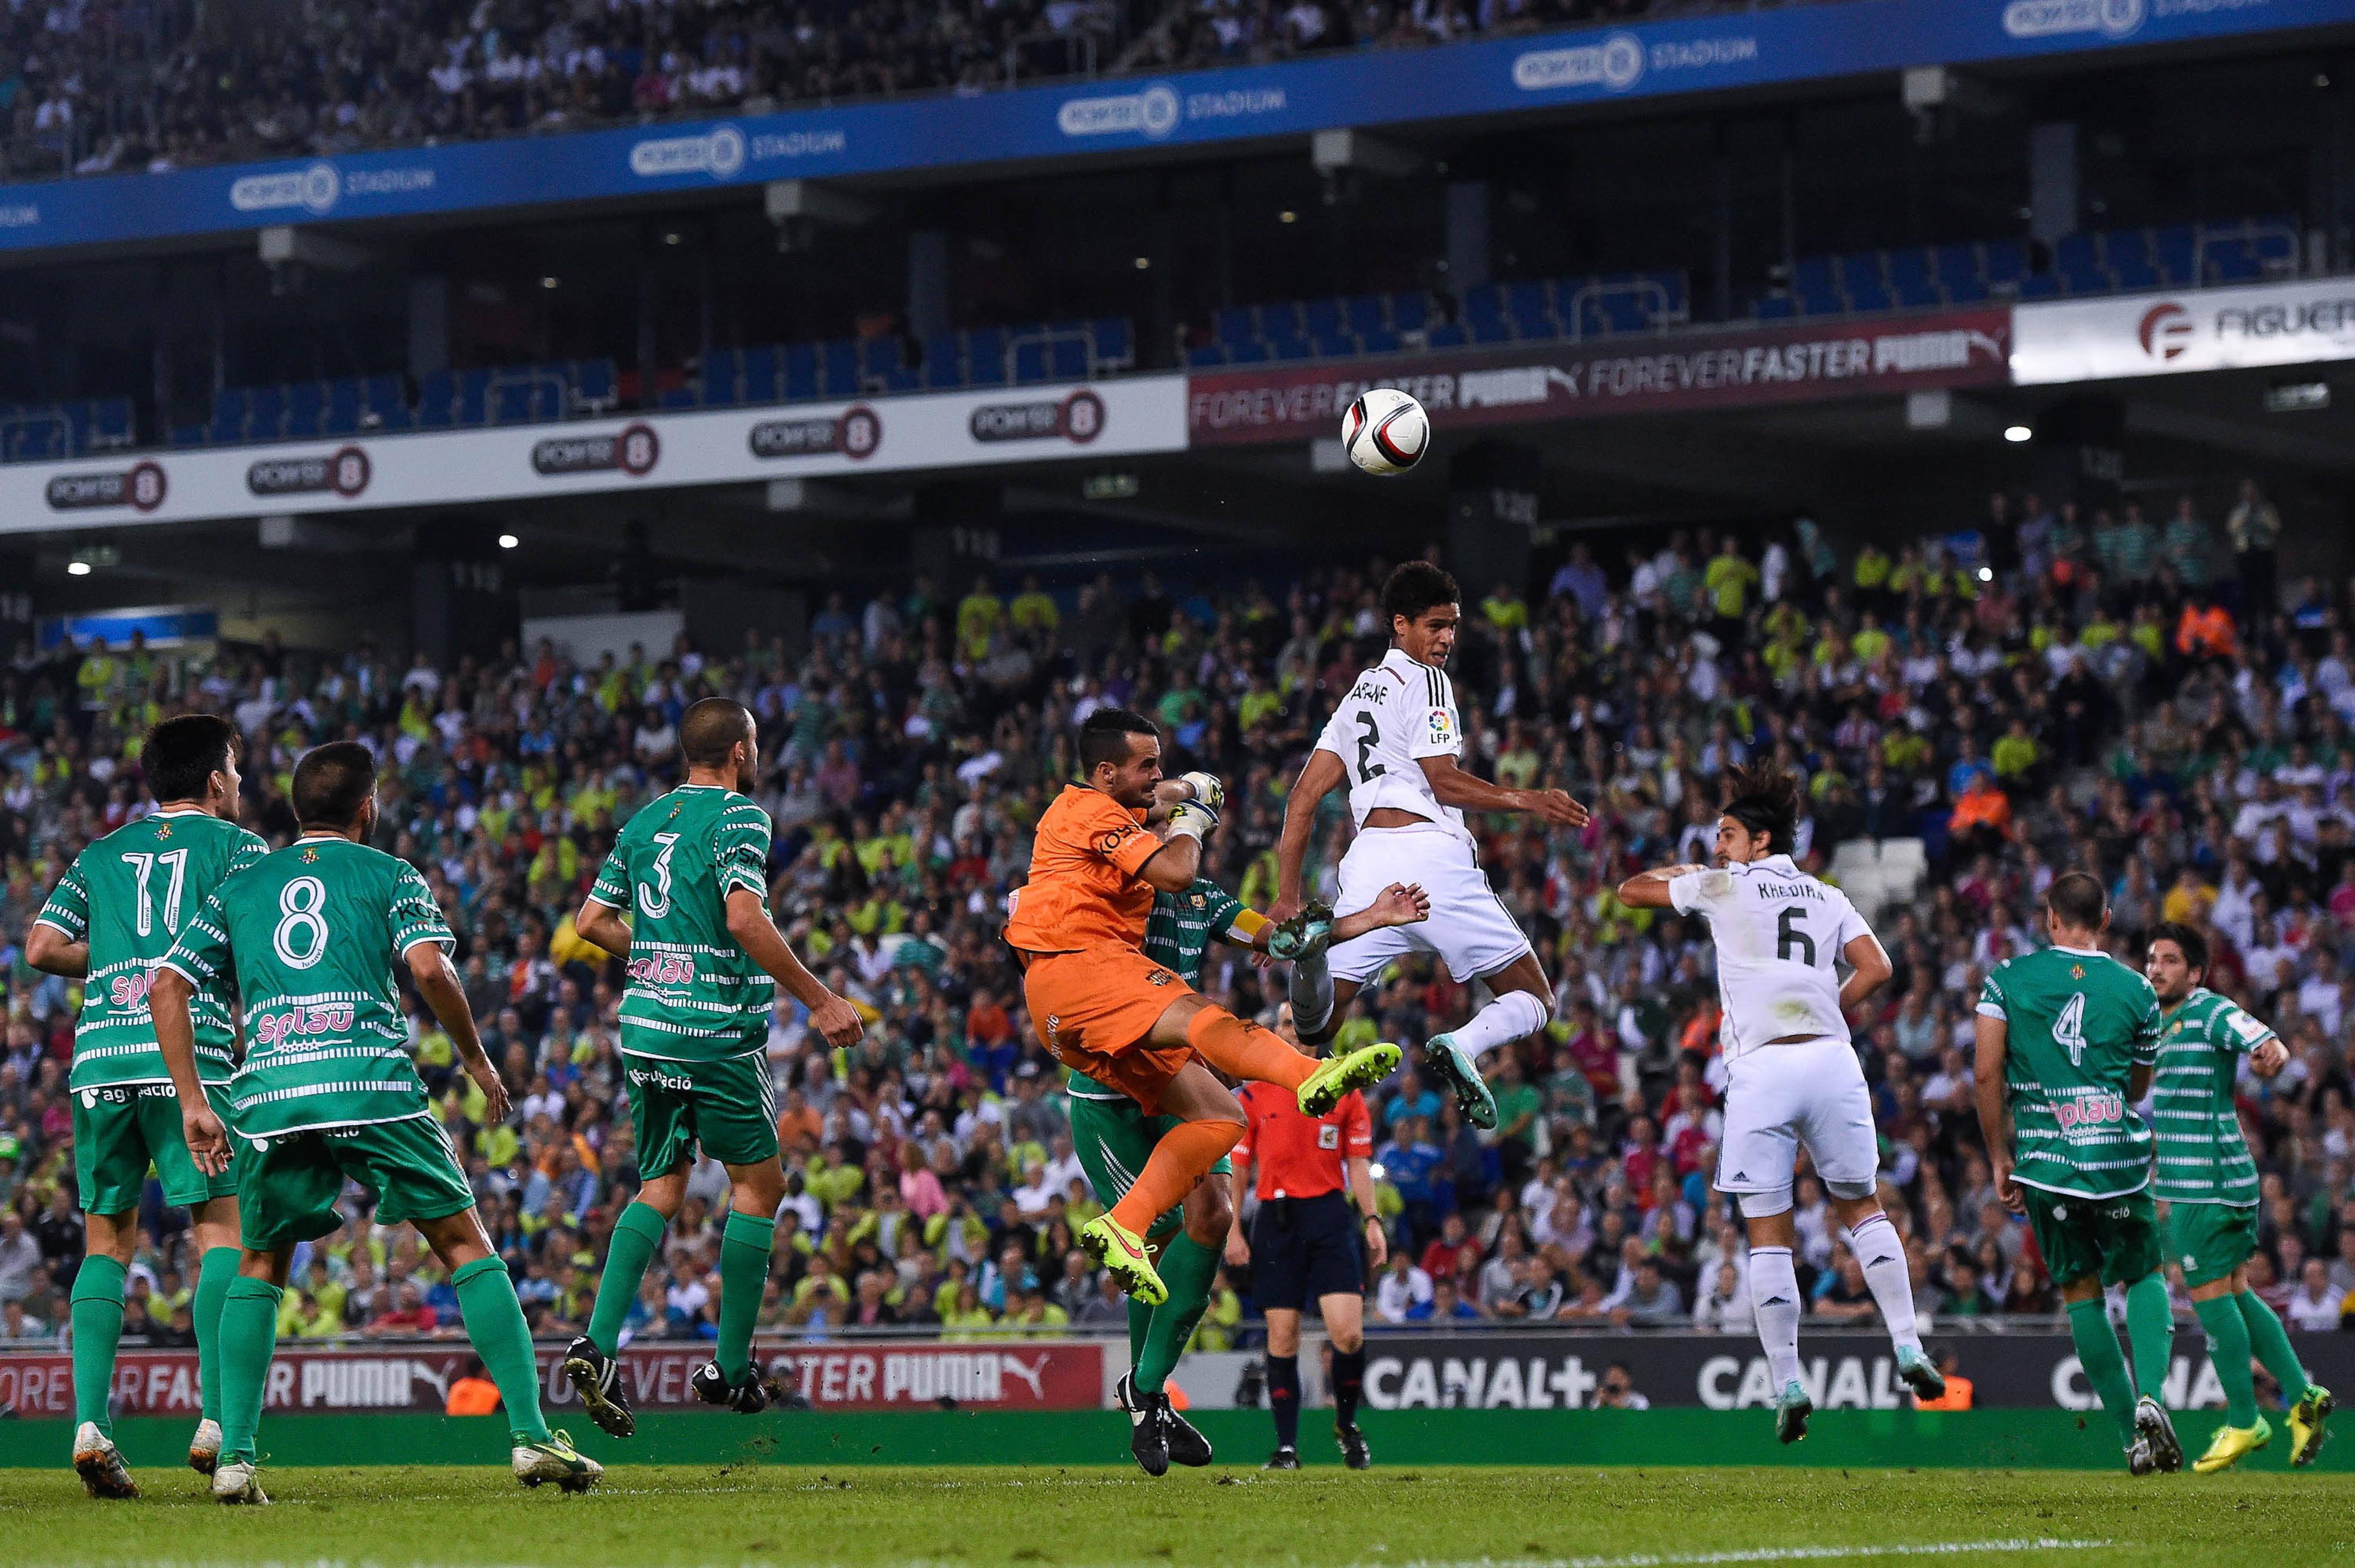 Cornella vs. Real Madrid: Final score 1-4, Los Blancos too much for Cornella